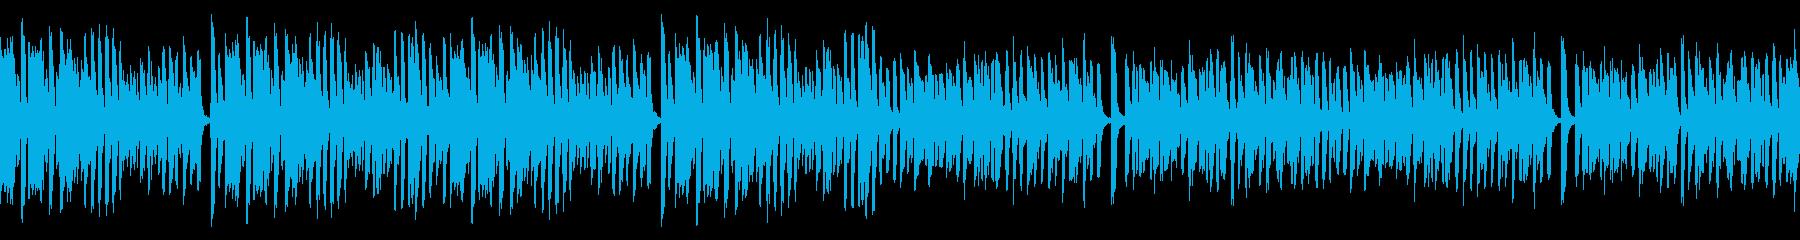 レトロピアノでお洒落なジャズ名曲(ループの再生済みの波形